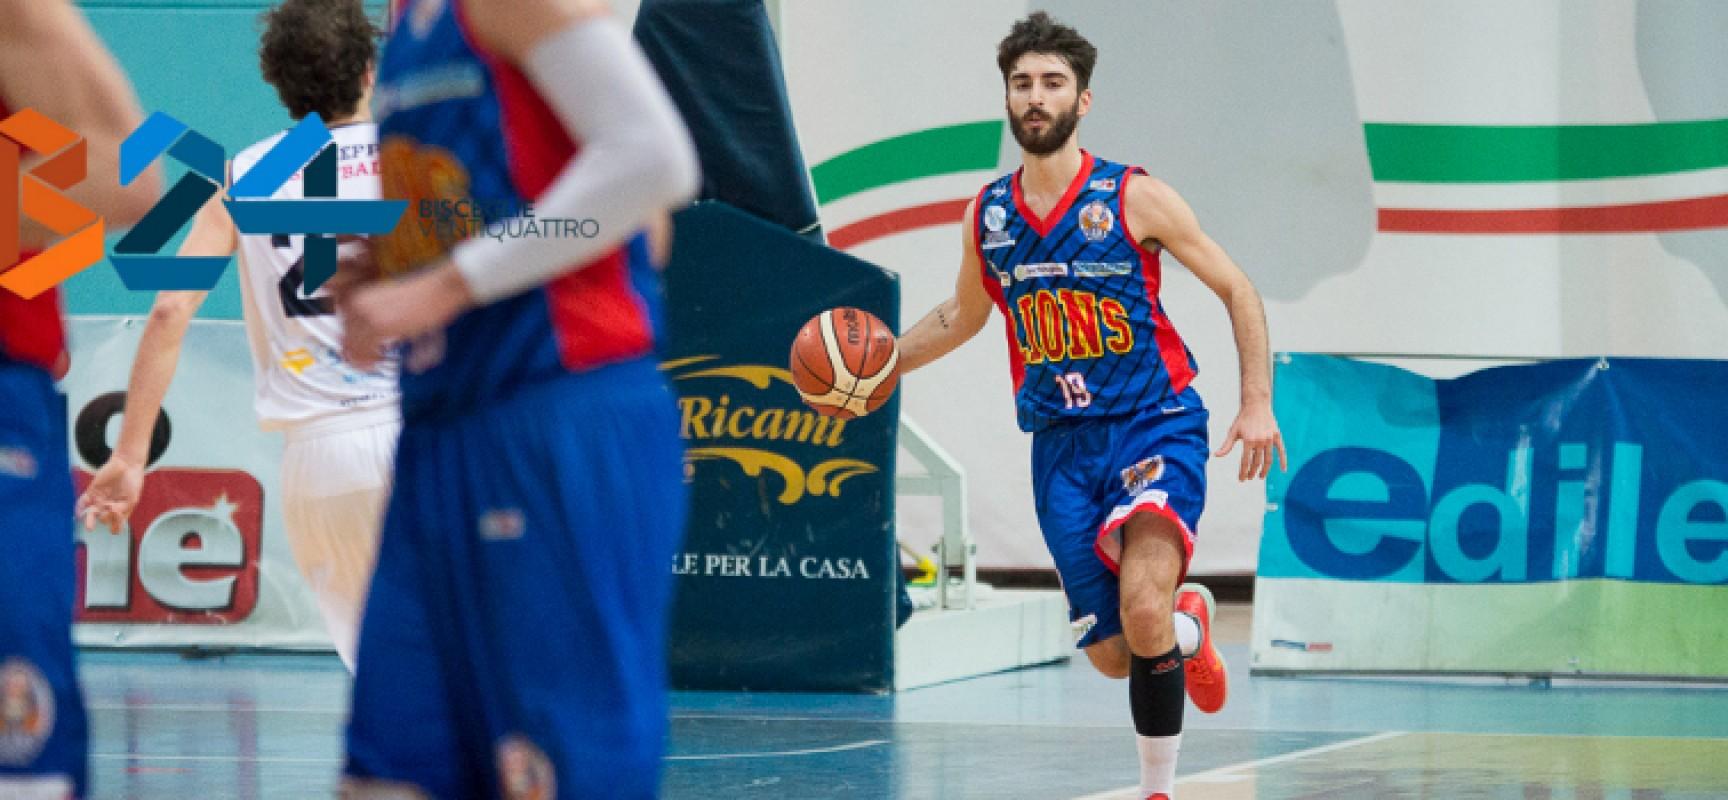 Basket, i Lions ko a Palestrina: mercoledì la decisiva gara 5 al PalaDolmen